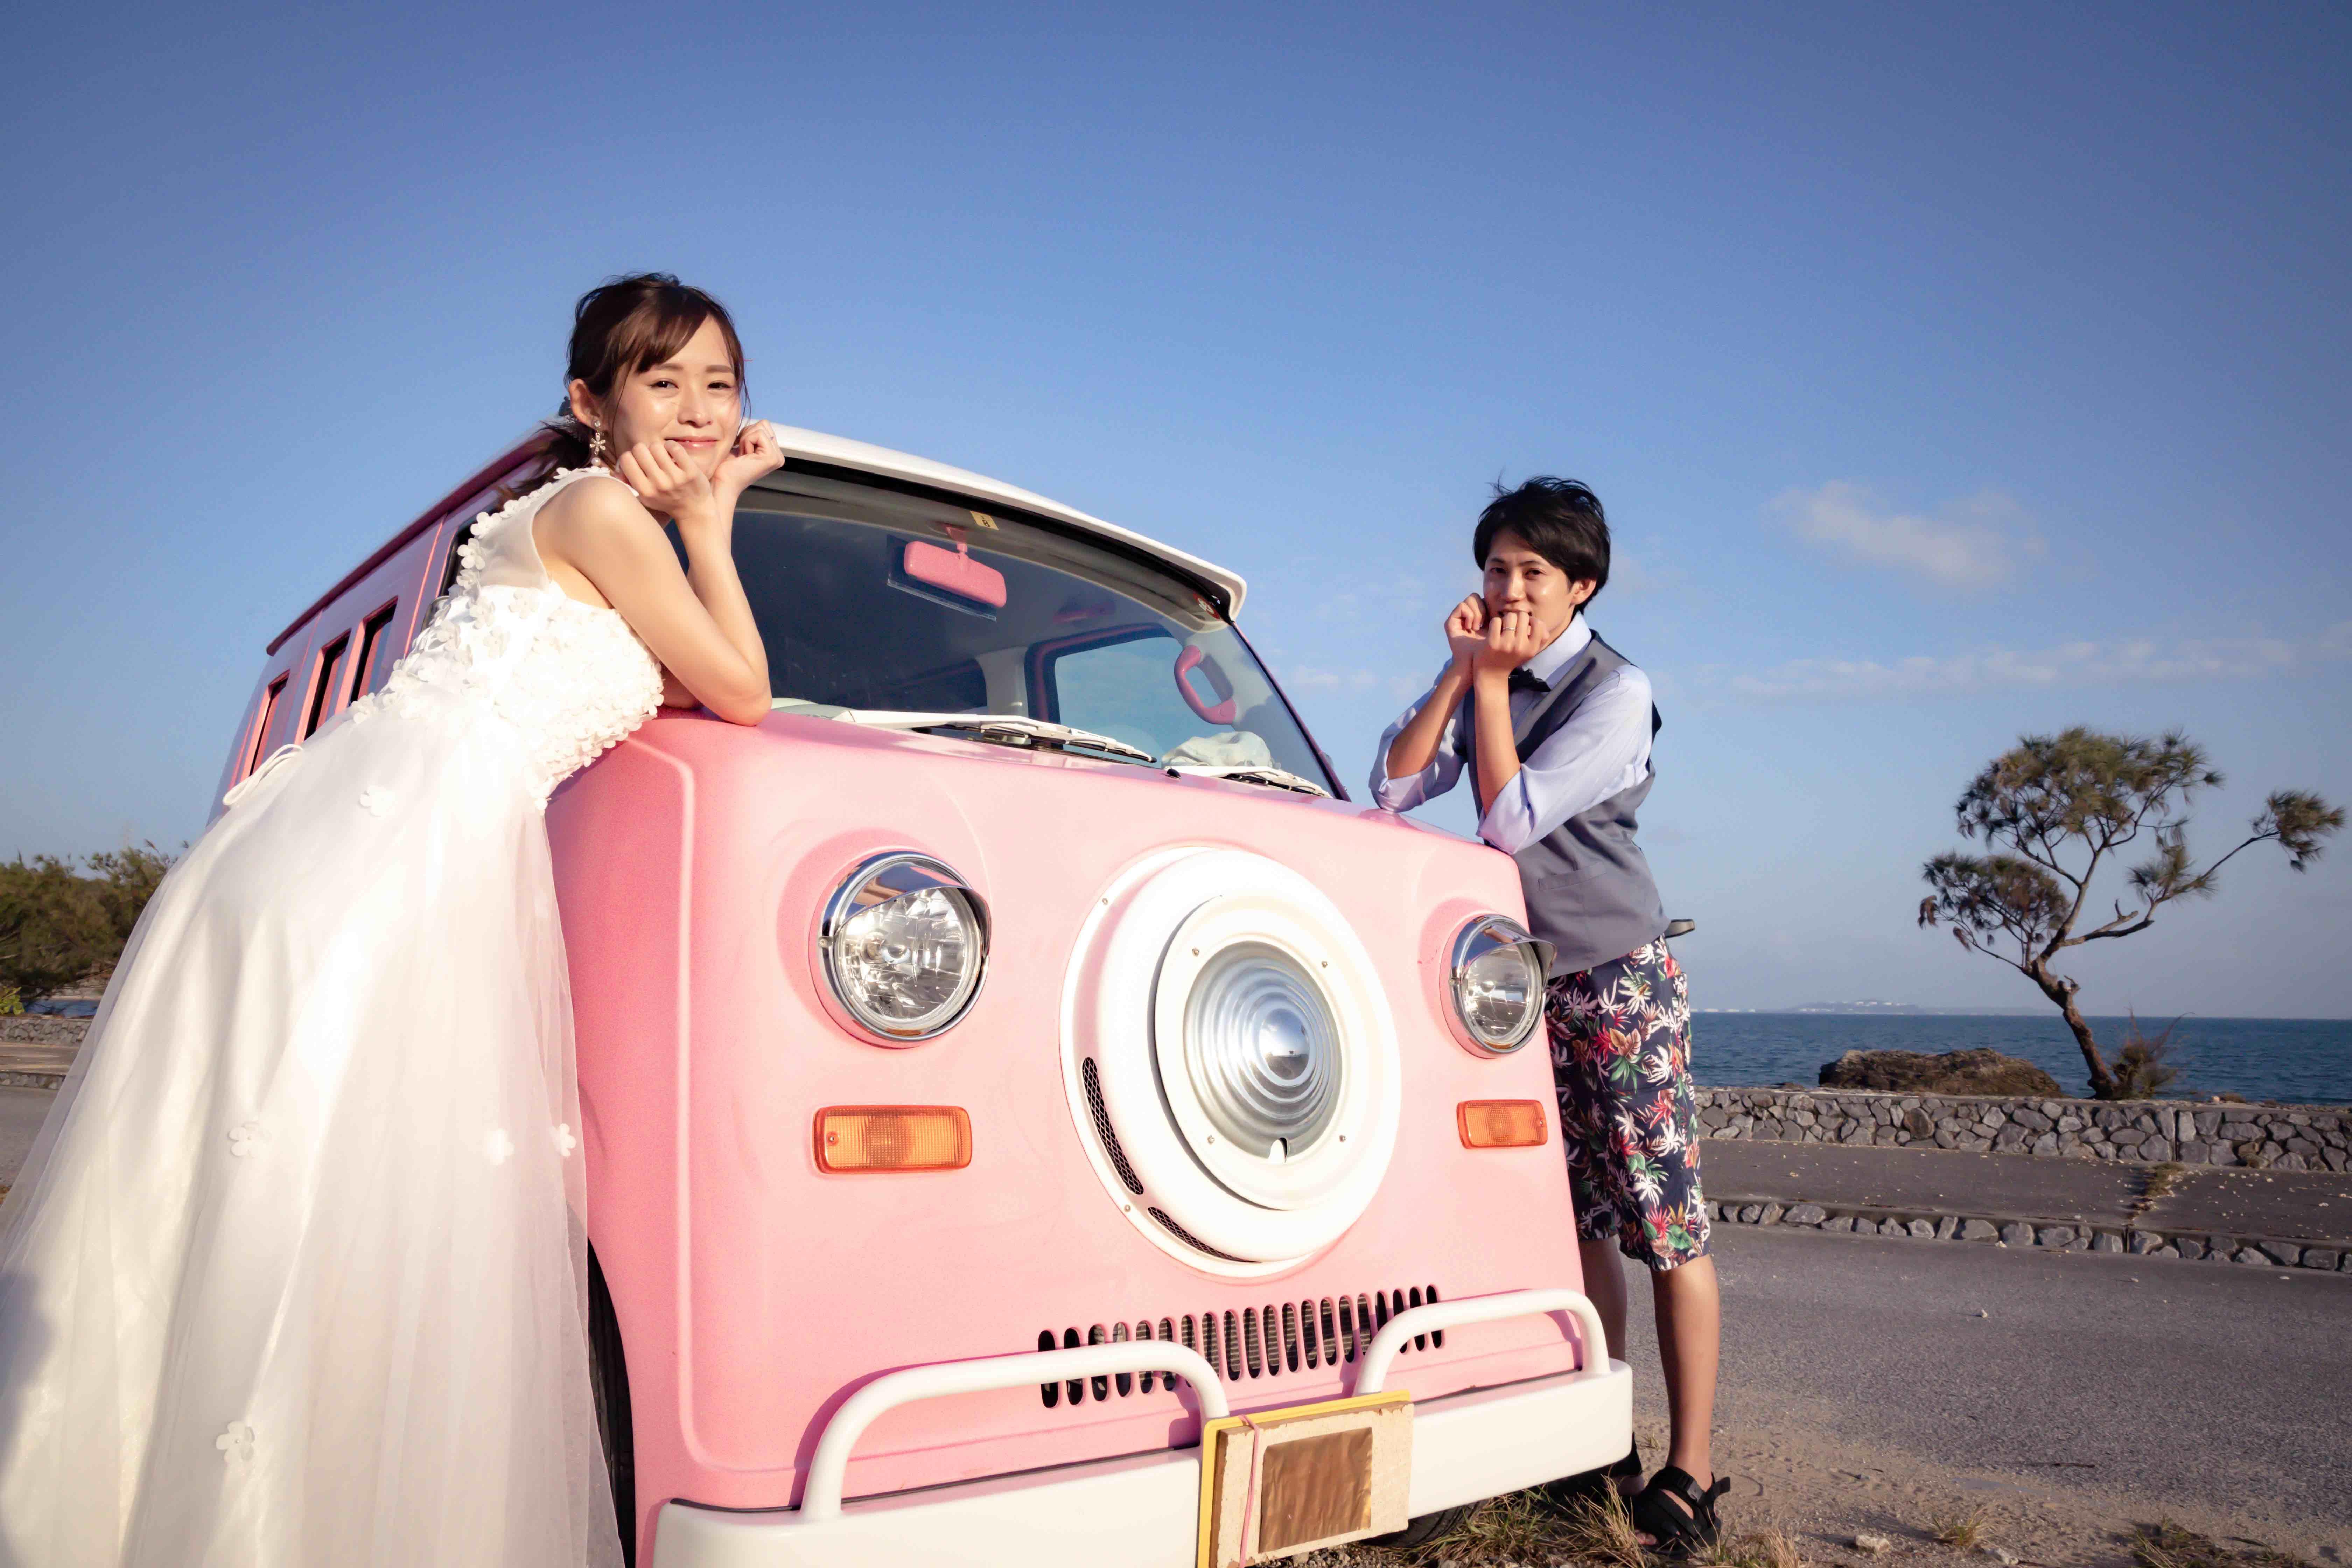 ピンクカーと撮影も可愛いのフォトギャラリー